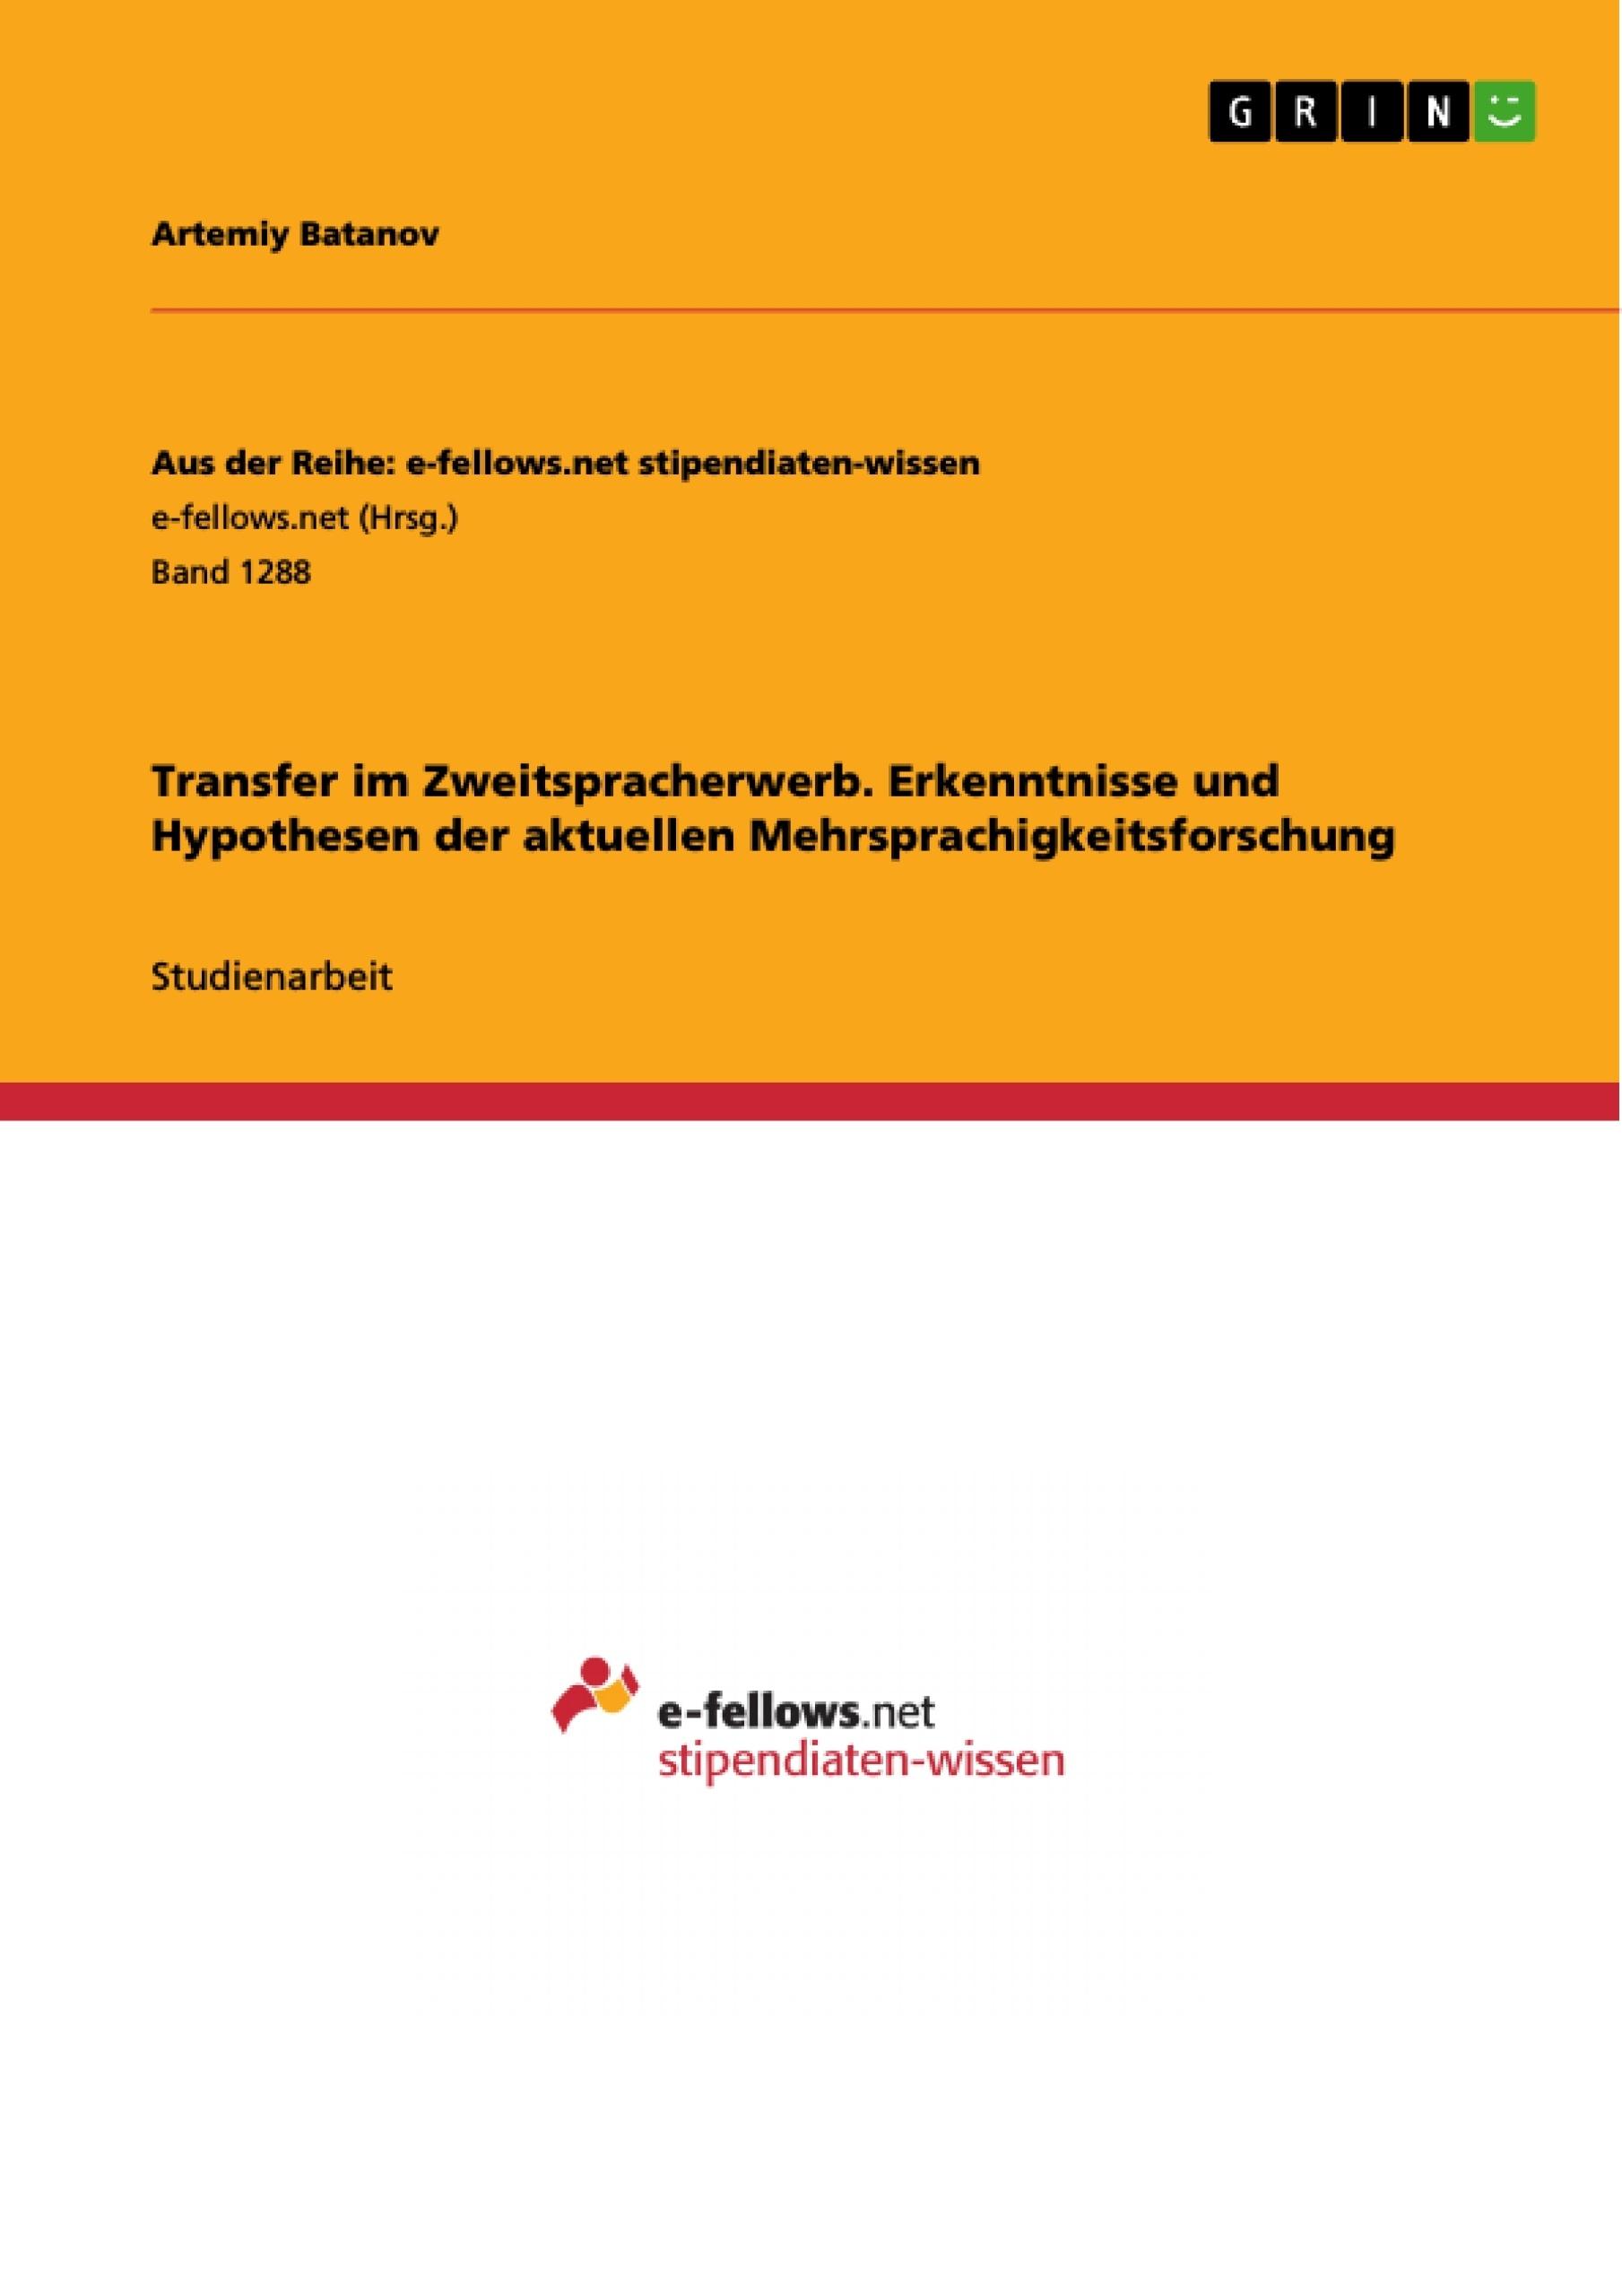 Titel: Transfer im Zweitspracherwerb. Erkenntnisse und Hypothesen der aktuellen Mehrsprachigkeitsforschung